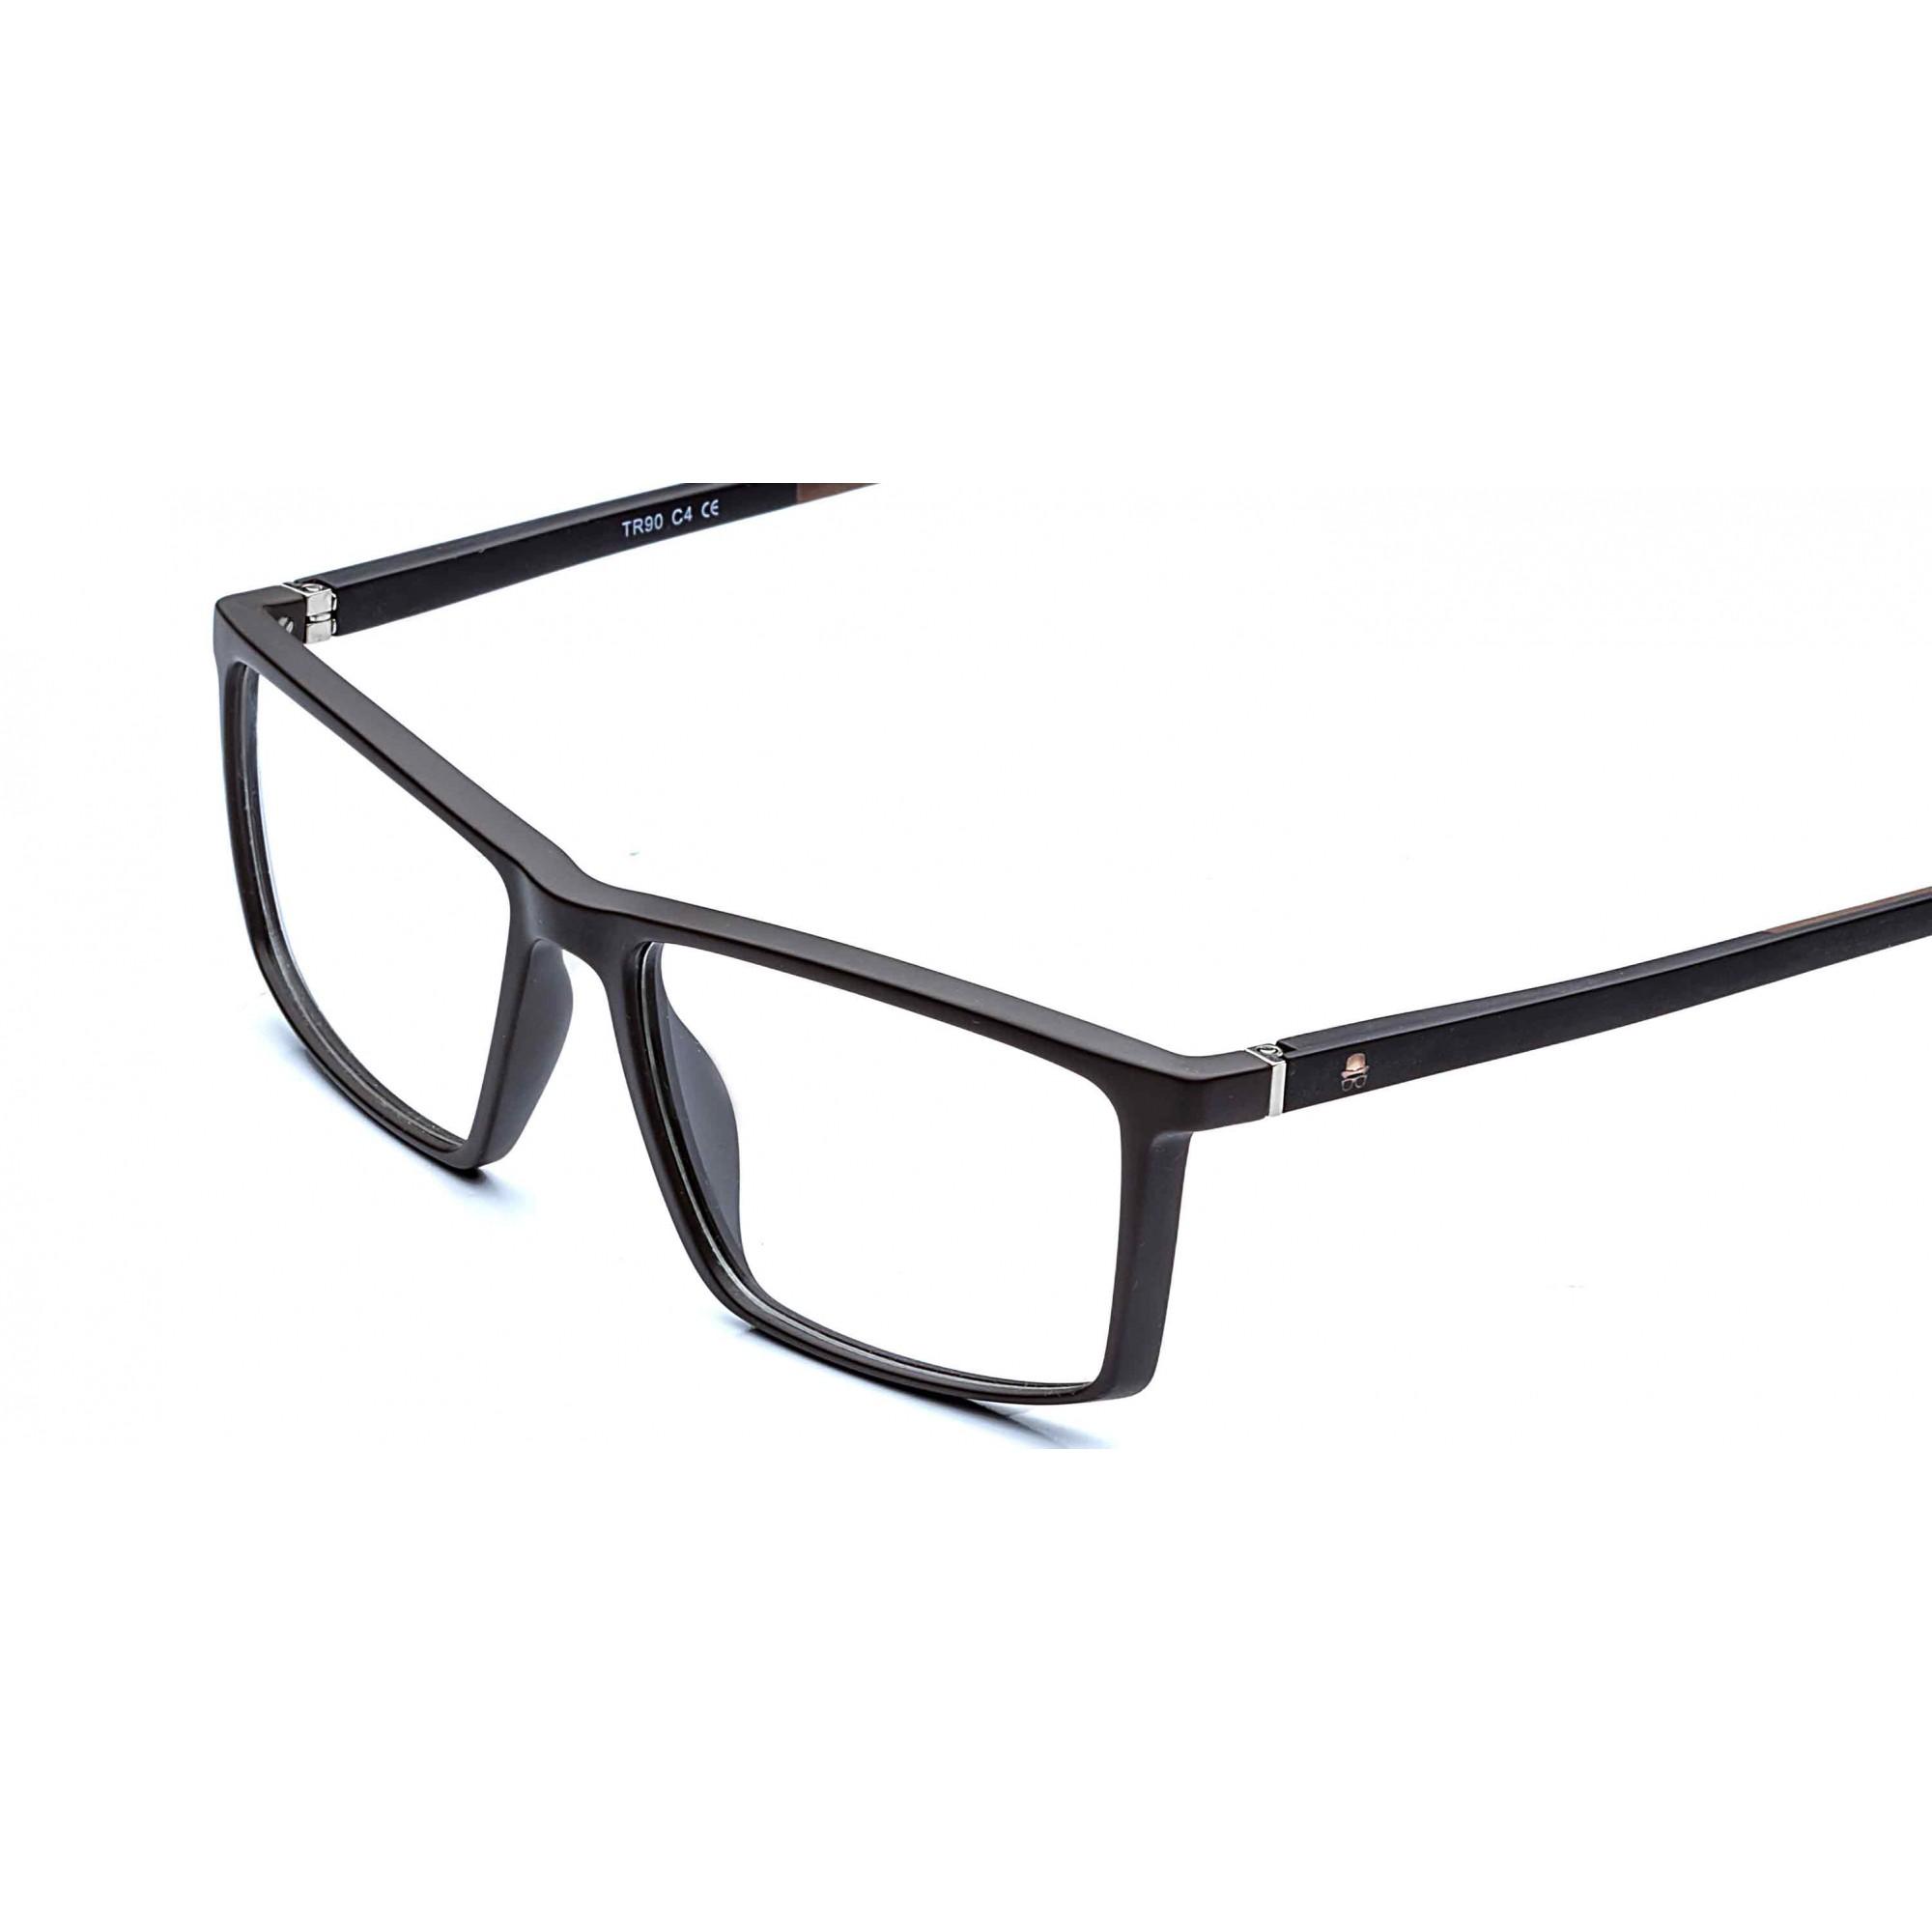 Óculos de Grau Clark Rafael Lopes